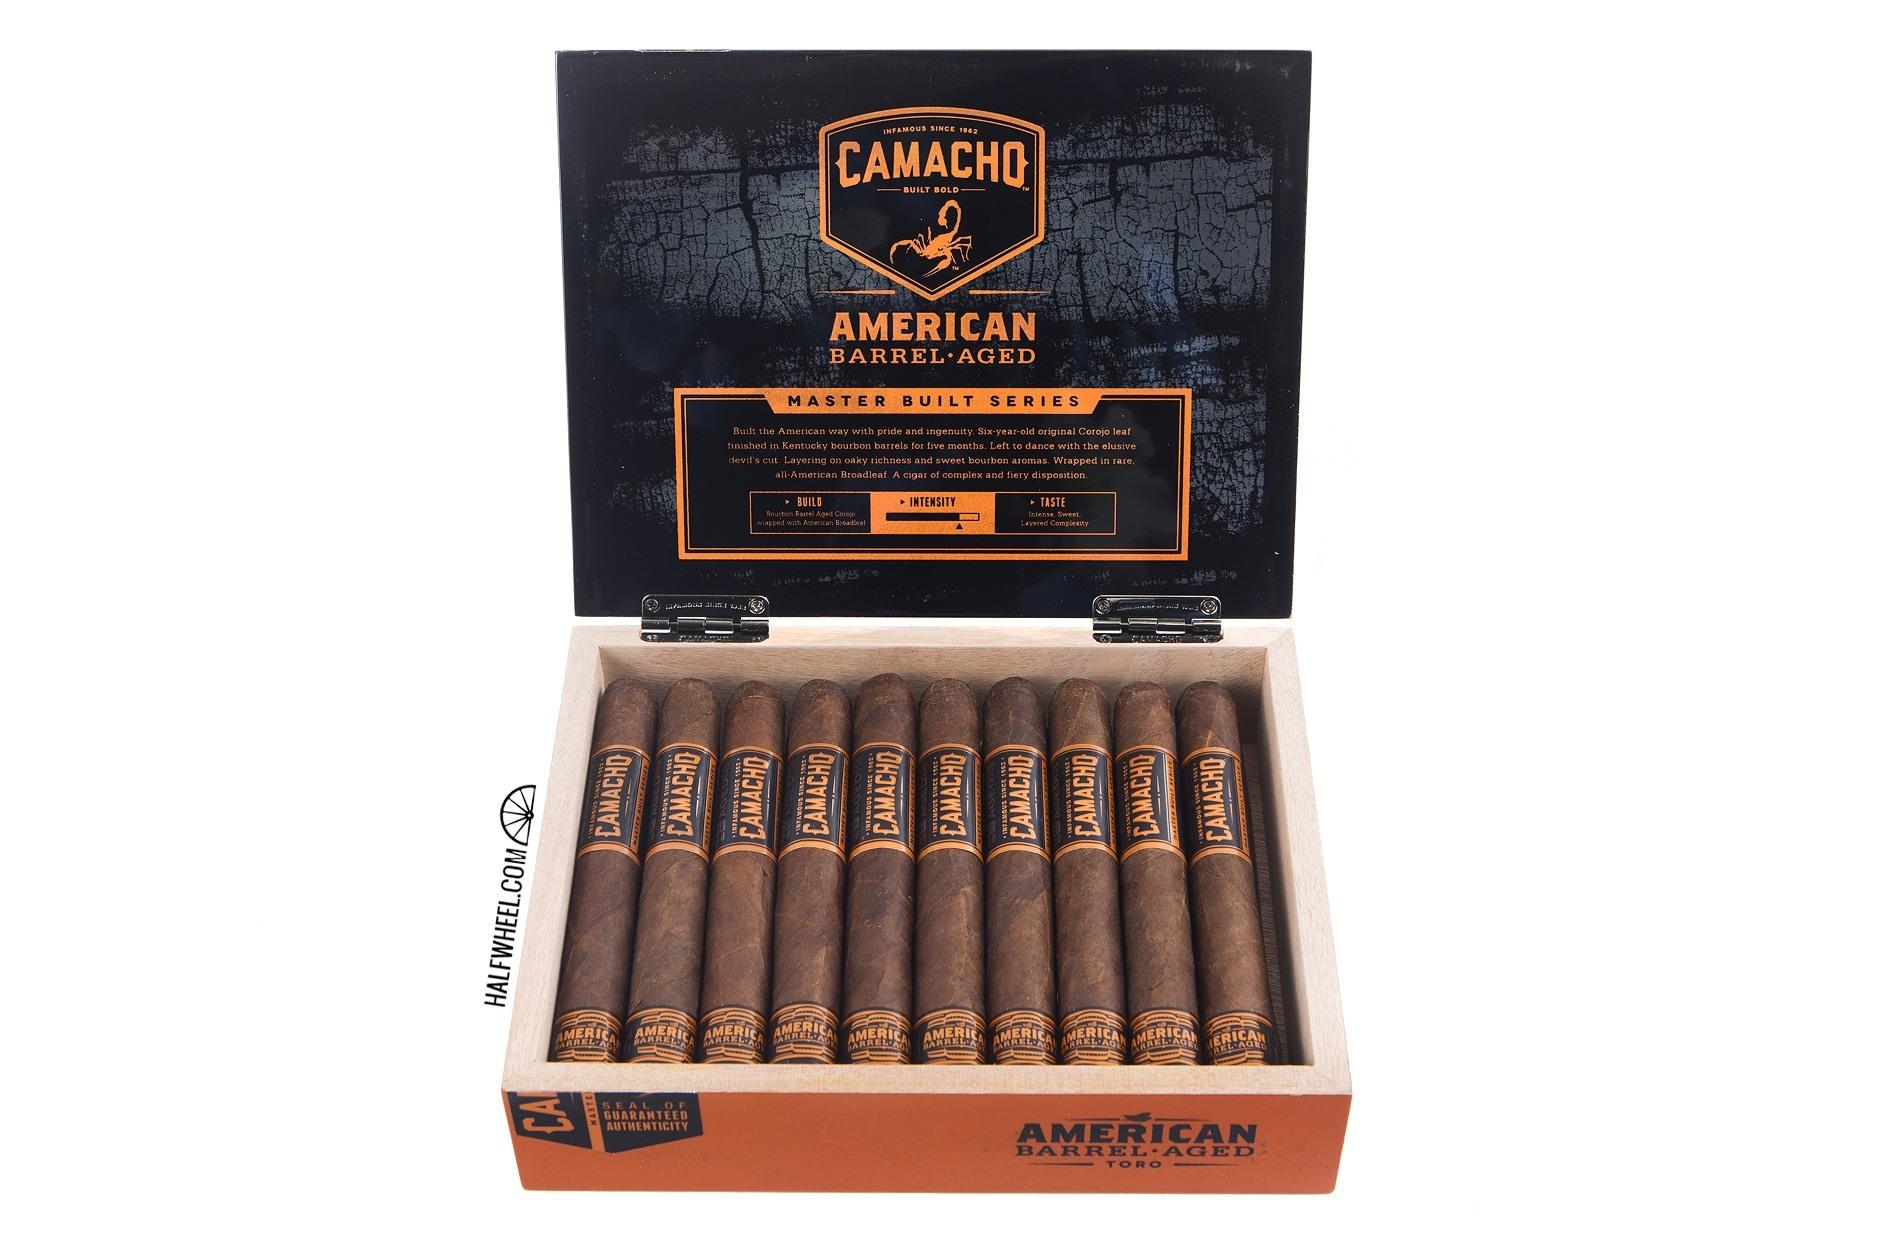 Camacho American Barrel-Aged Toro Box 2